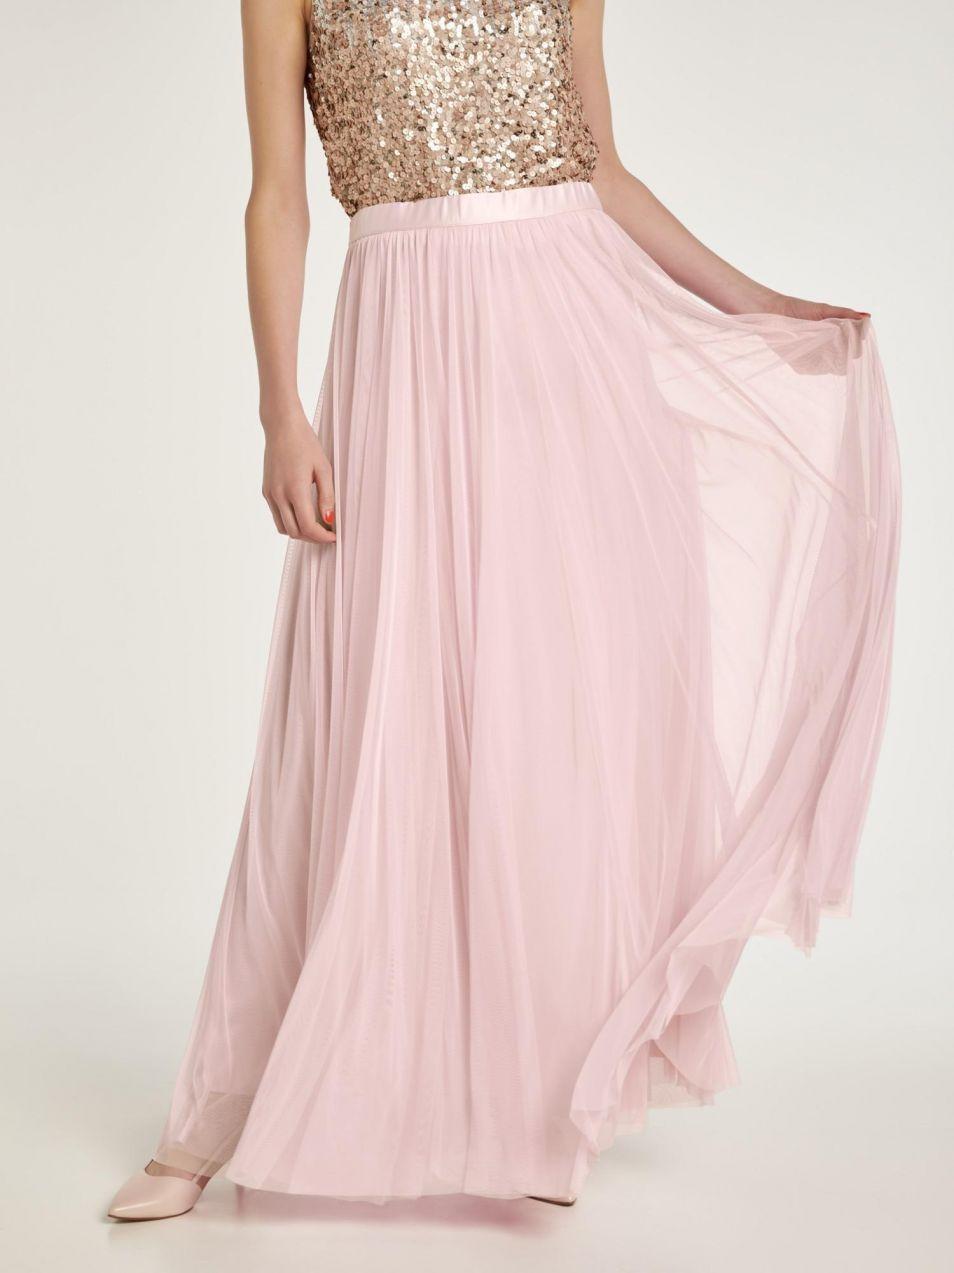 8146d7b417e4 heine STYLE Dlhá sukňa vo vrstvenom vzhľade heine značky HEINE ...